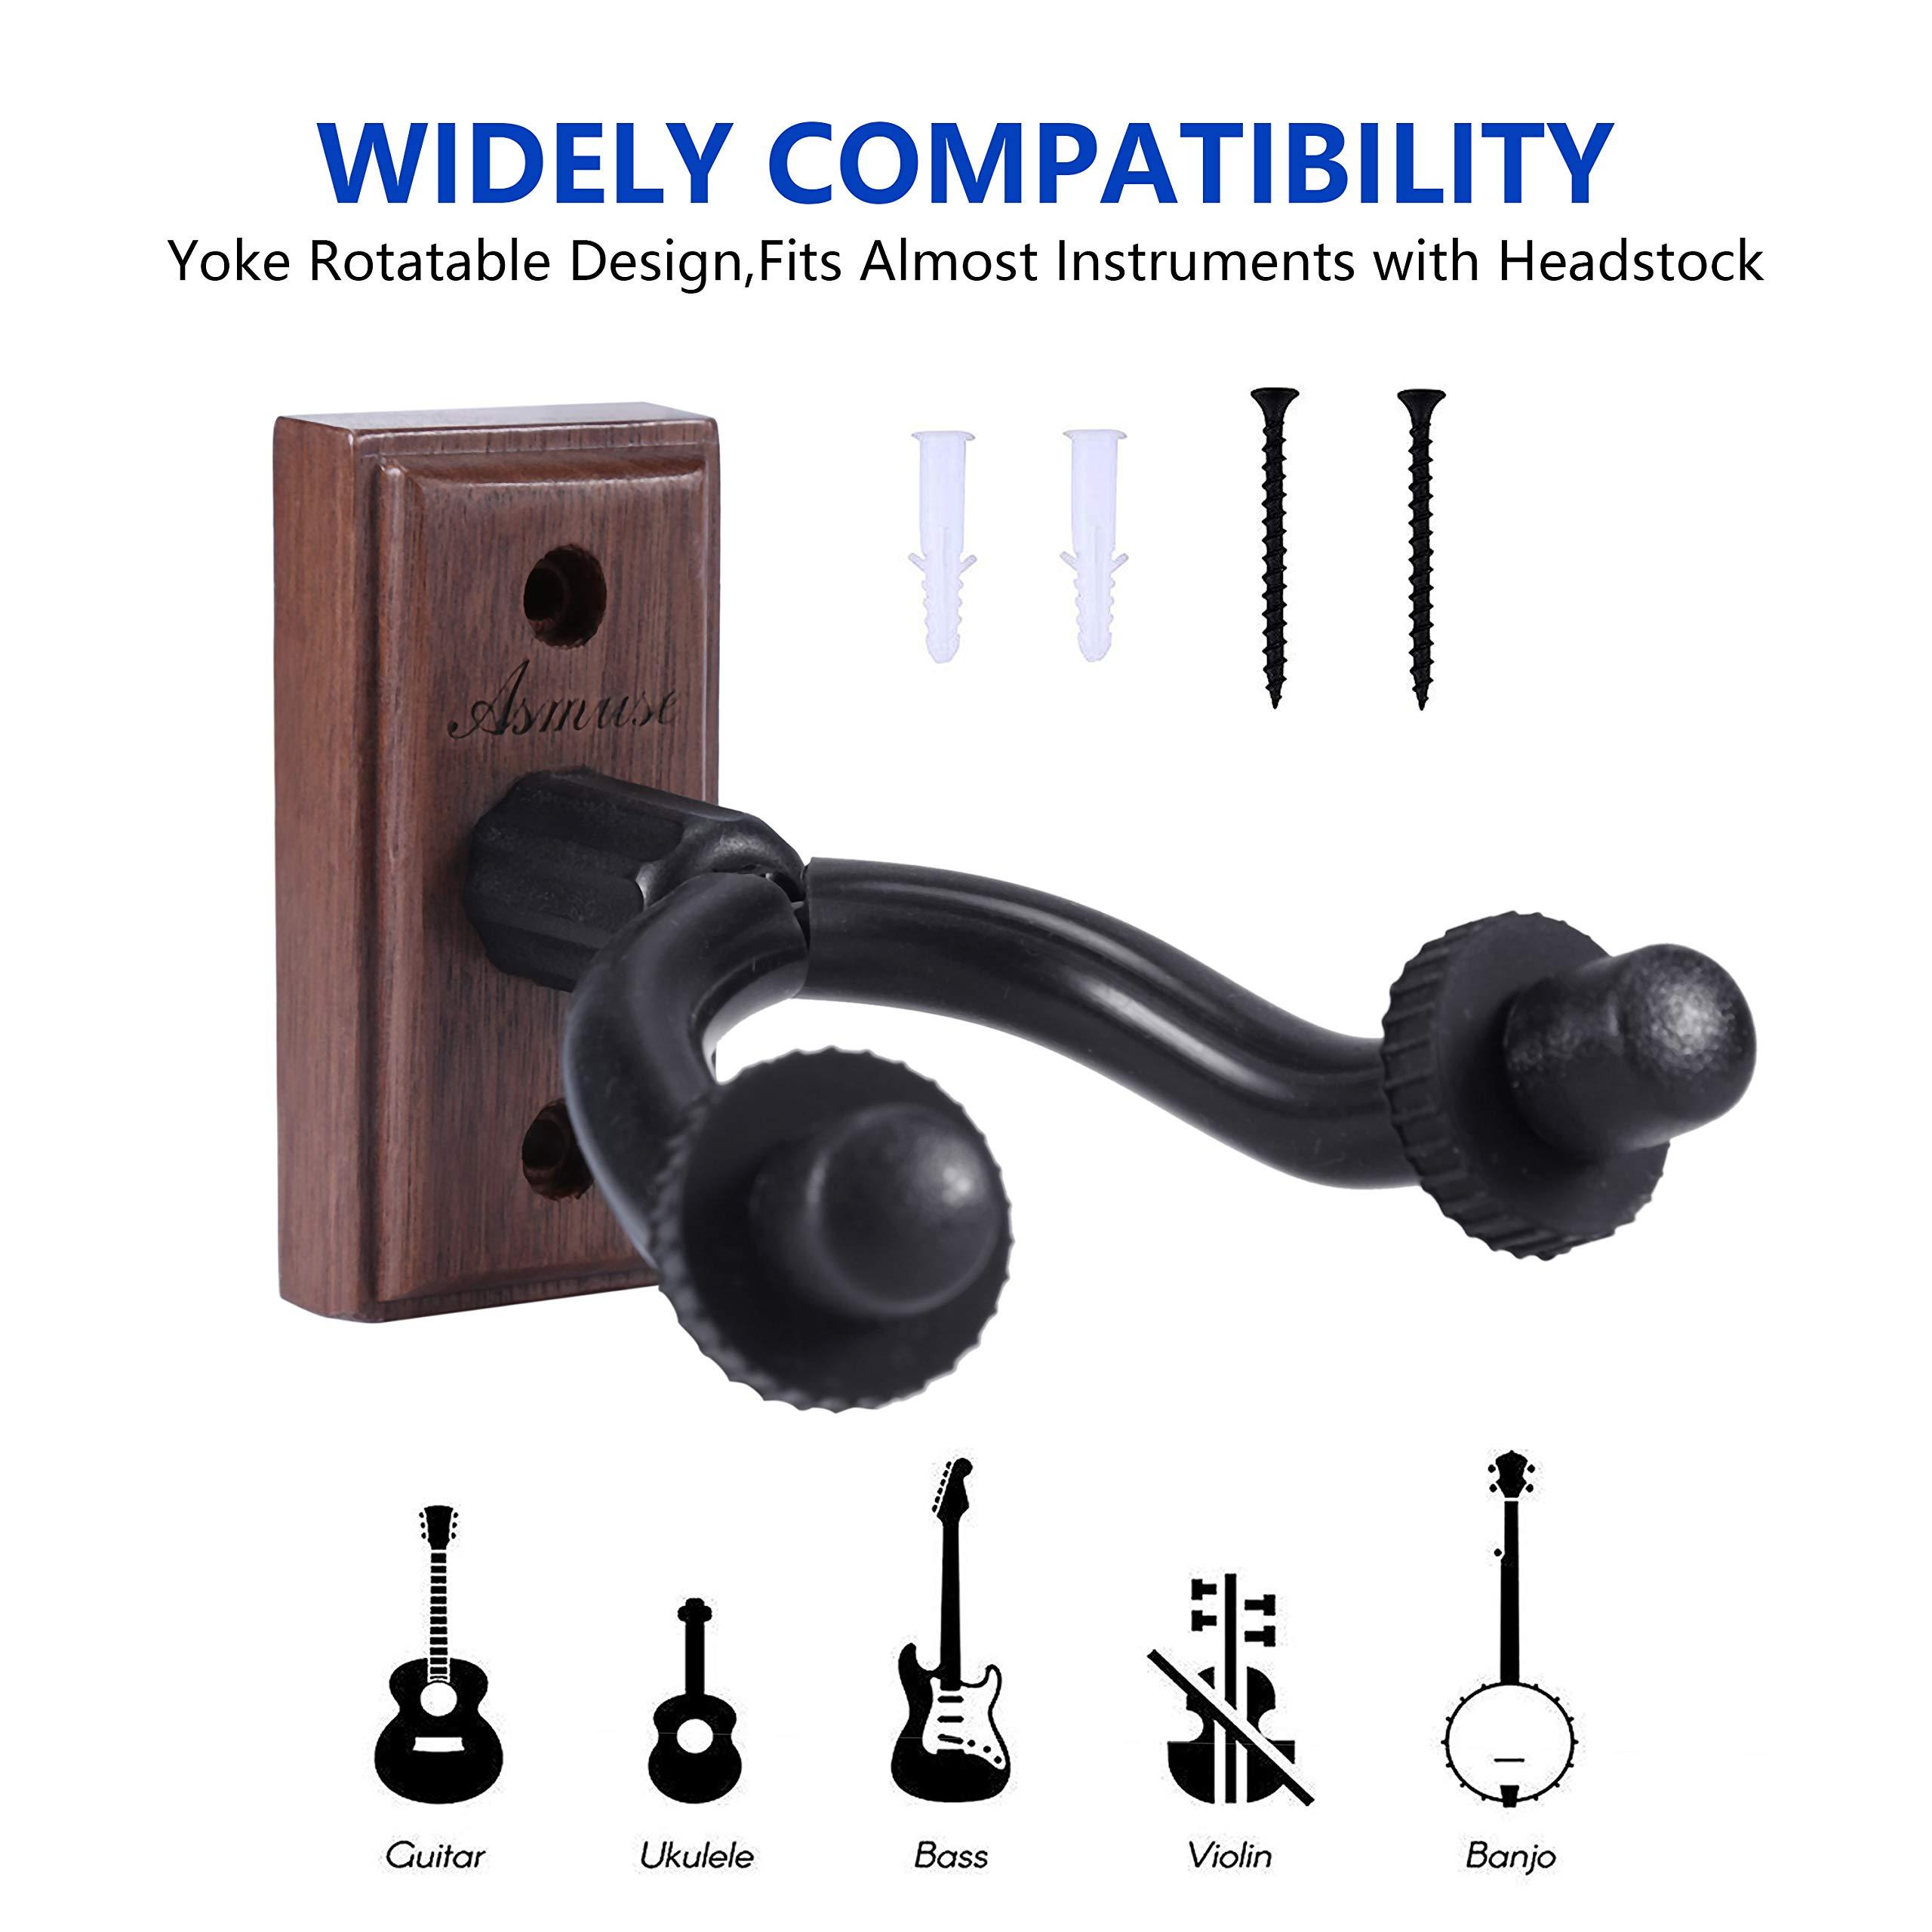 Asmuse™ Supporto Gancio Montaggio a parete Ganci Appendi Chitarra per Chitarra Elettrica/Basso / Elettrico/Ukulele / Violino (Noce Nera, 2 Pacco)